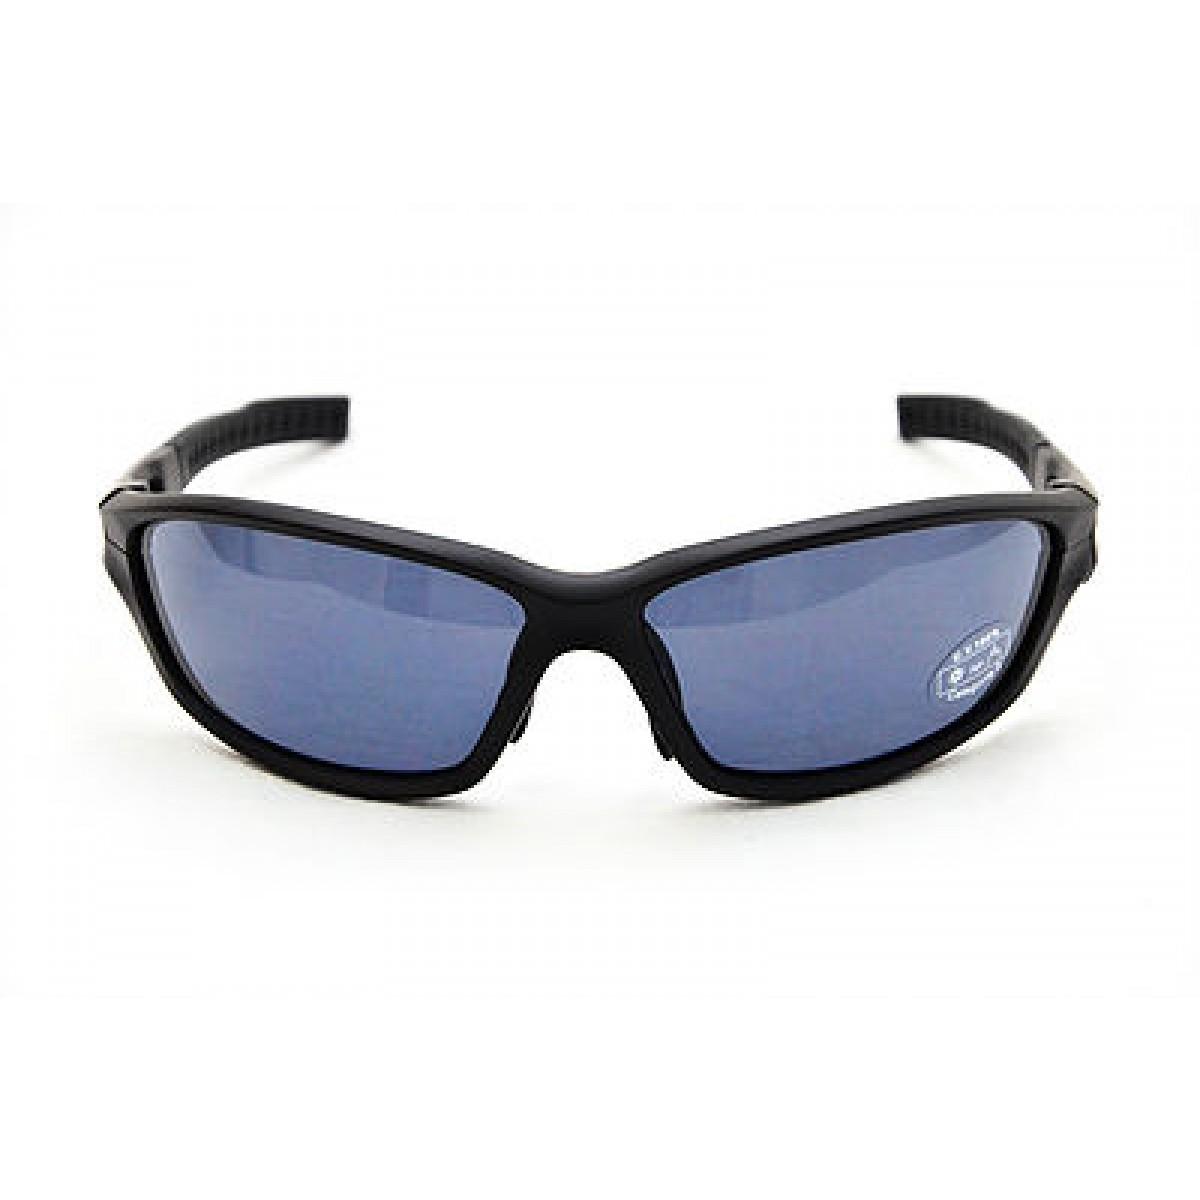 1f943e22c7b08 Óculos Disix Player C01 c  3 lentes e clip redutor de curva para Grau.